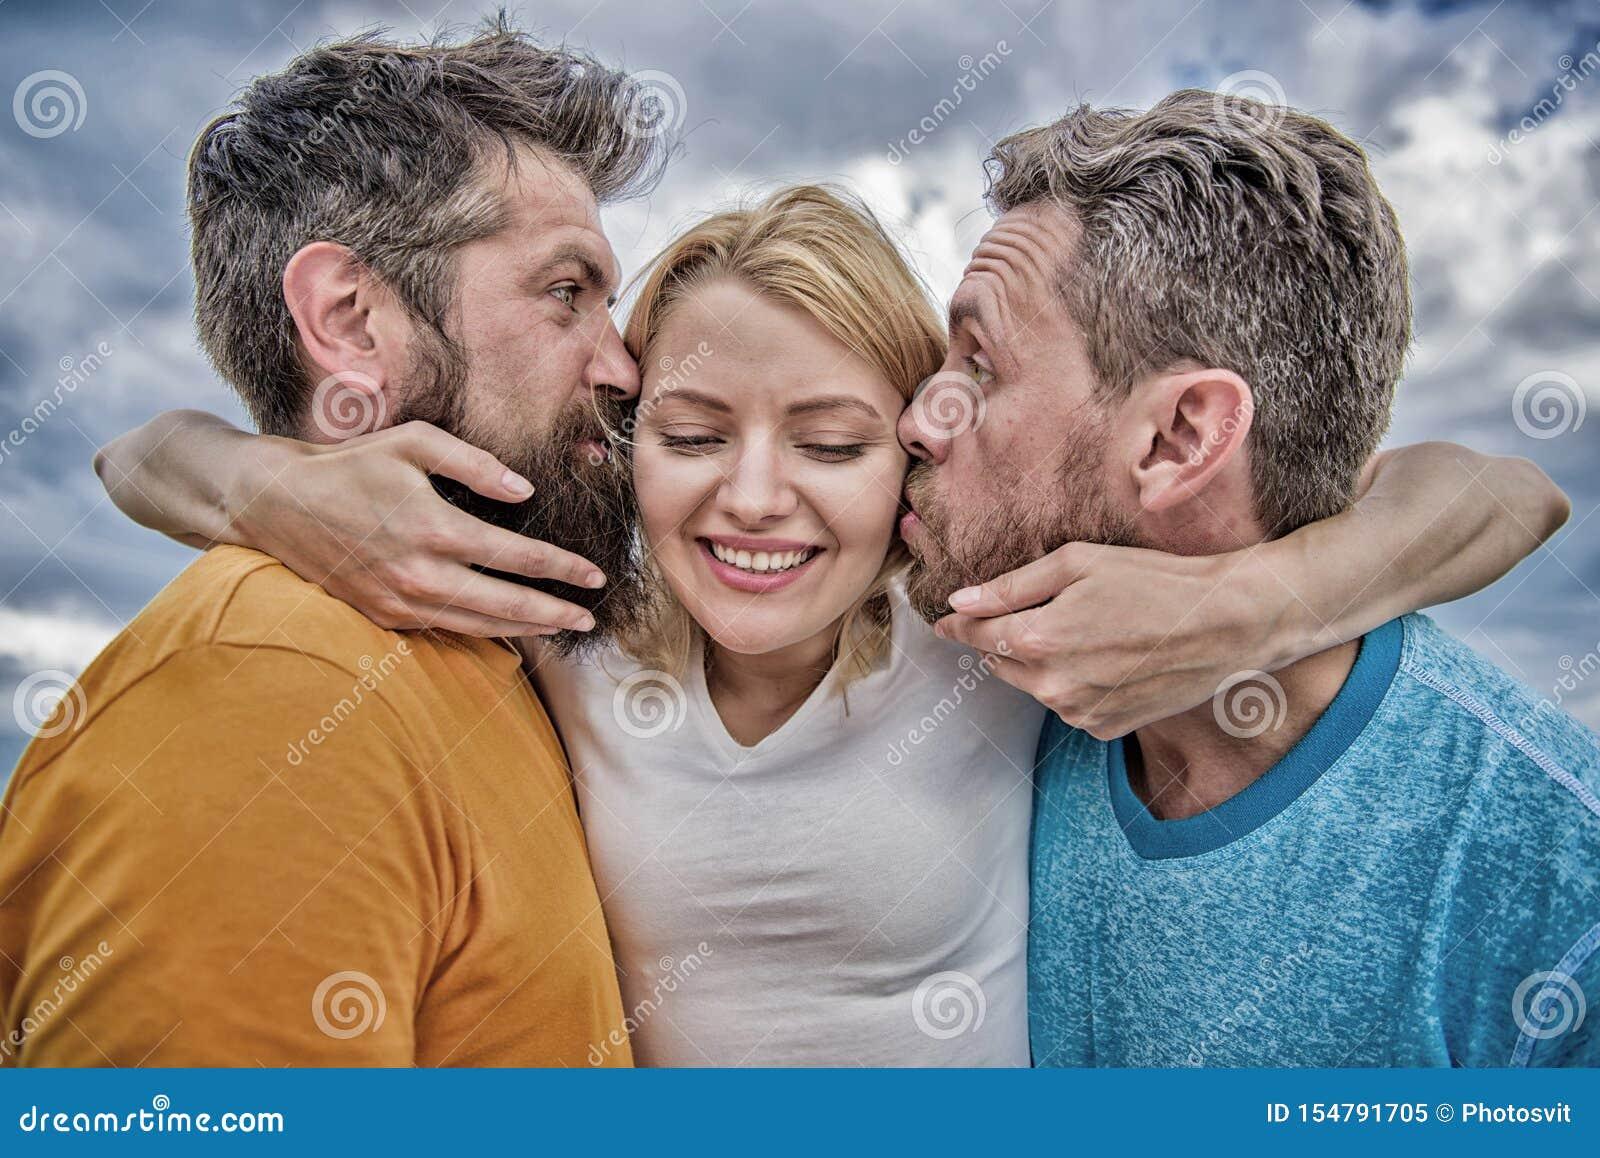 夫人享受浪漫联系两位钦佩者 她喜欢男性关注 三角爱 人亲吻同样女孩面颊 ??